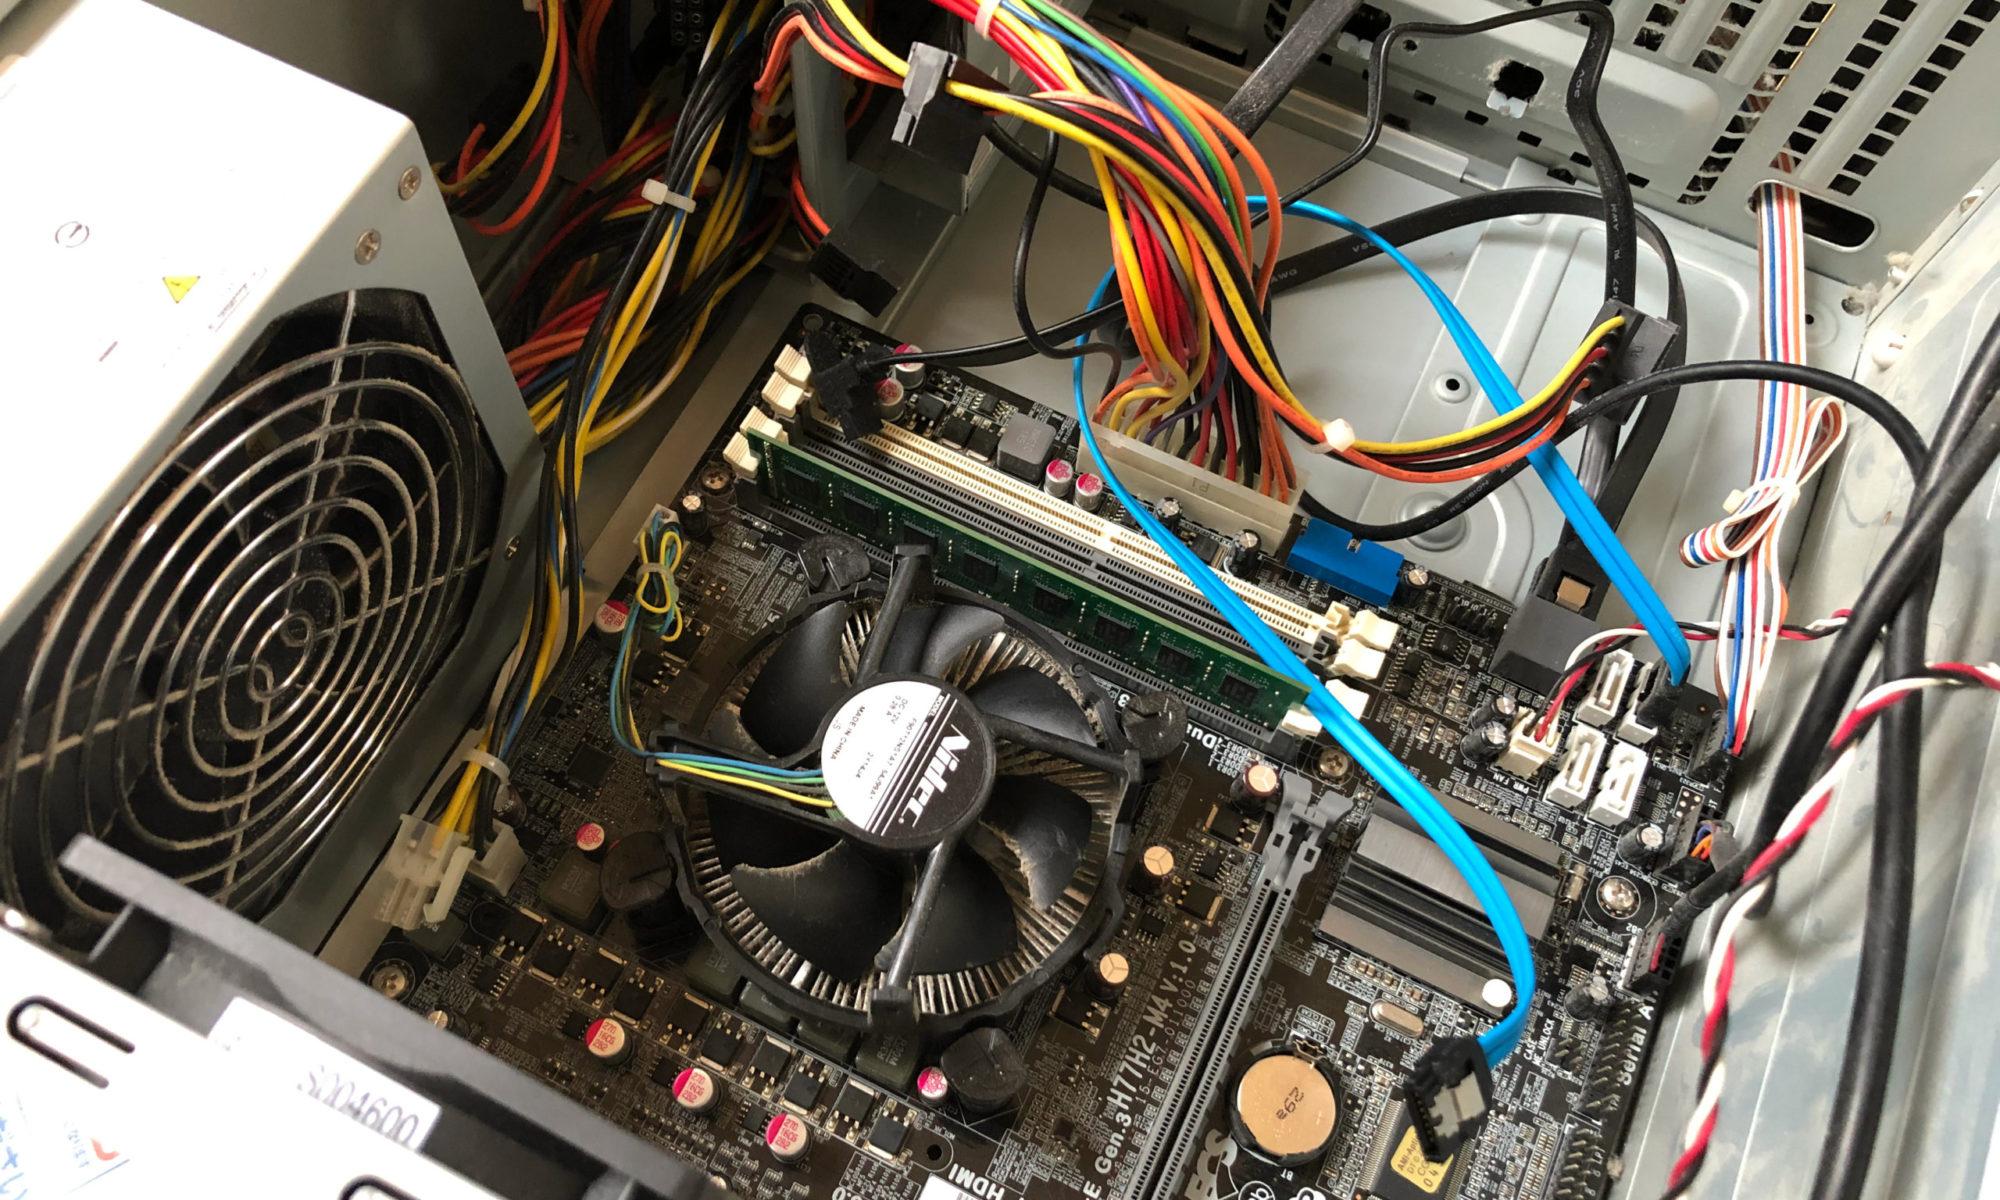 マザーボードは「H77H2-M4」、電源ユニットは「FPS−460」というのが載っていました。それにしても7年間の埃がすごい